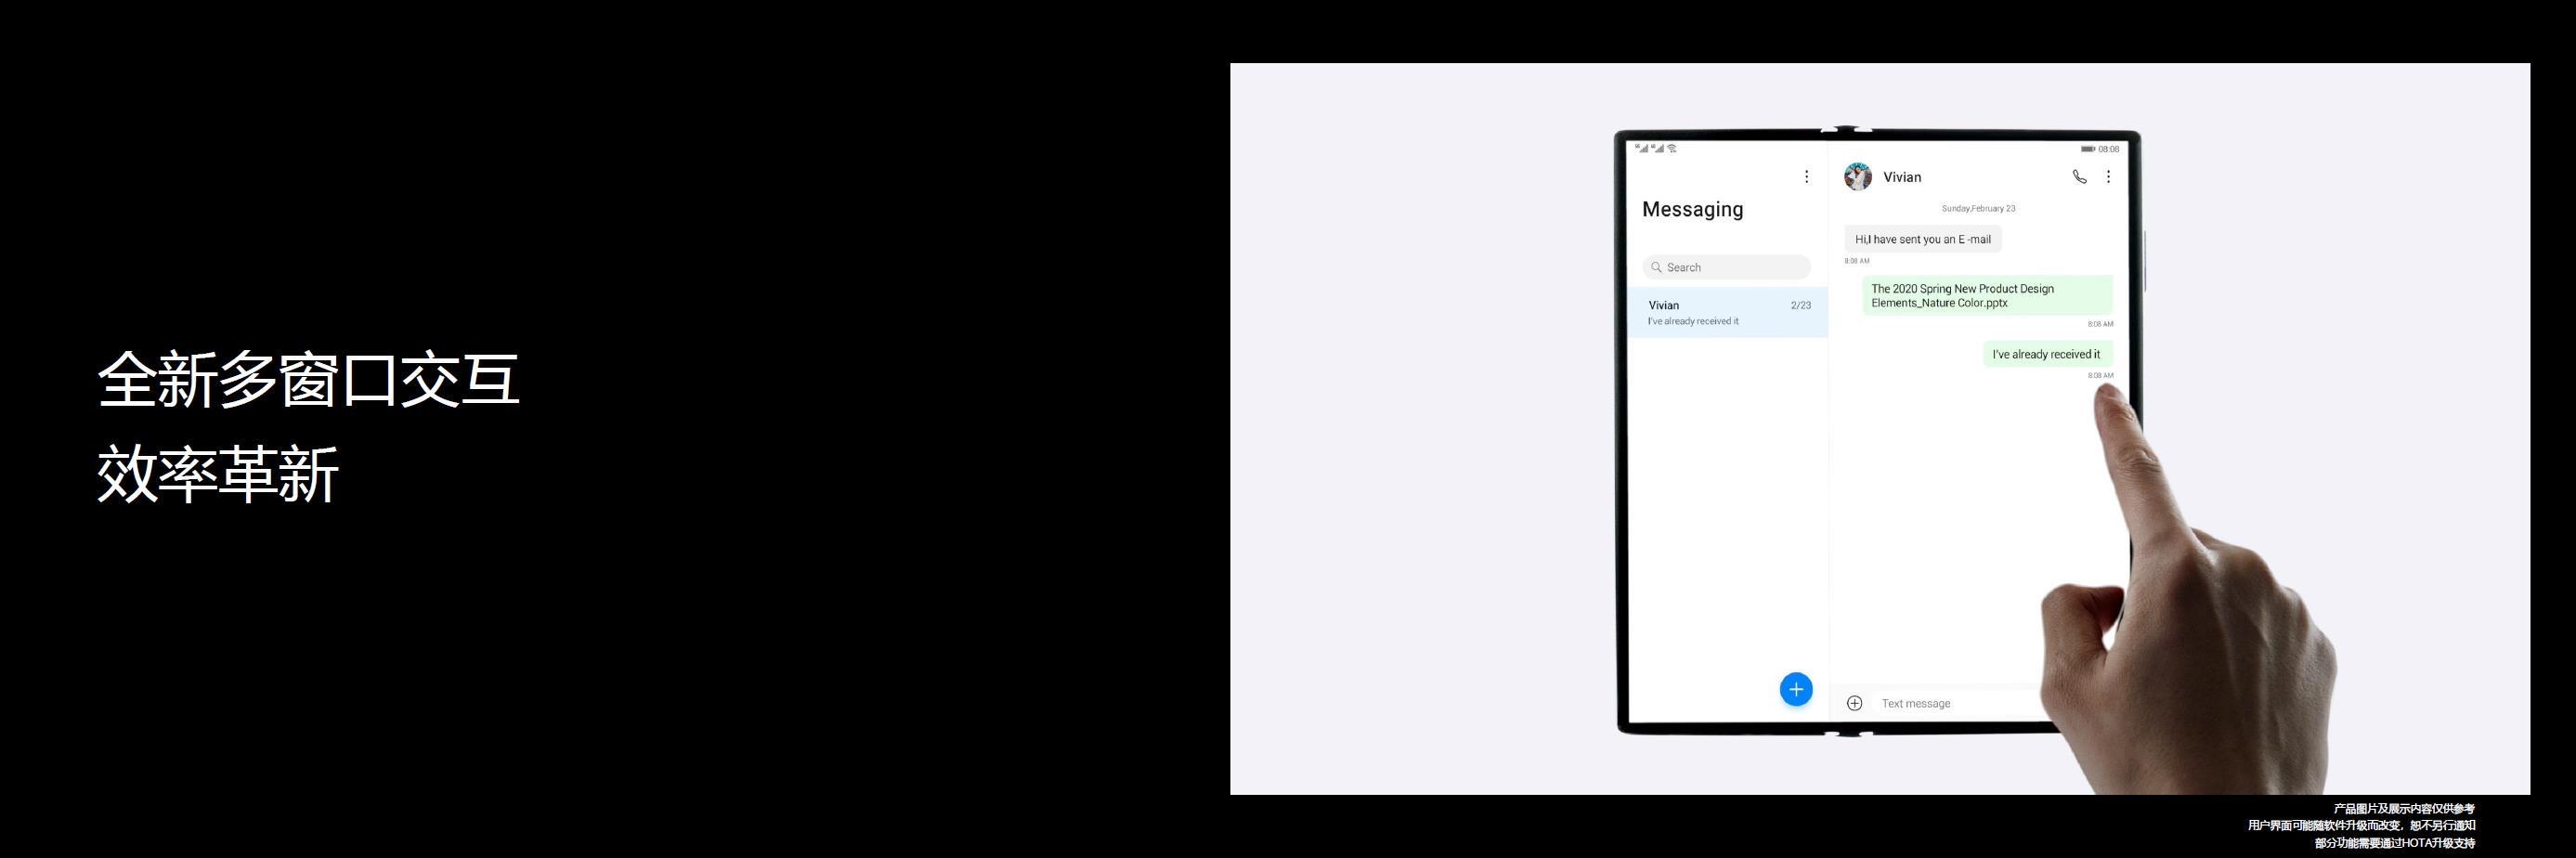 新一代折叠屏华为Mate Xs正式发布:屏幕铰链全新升级